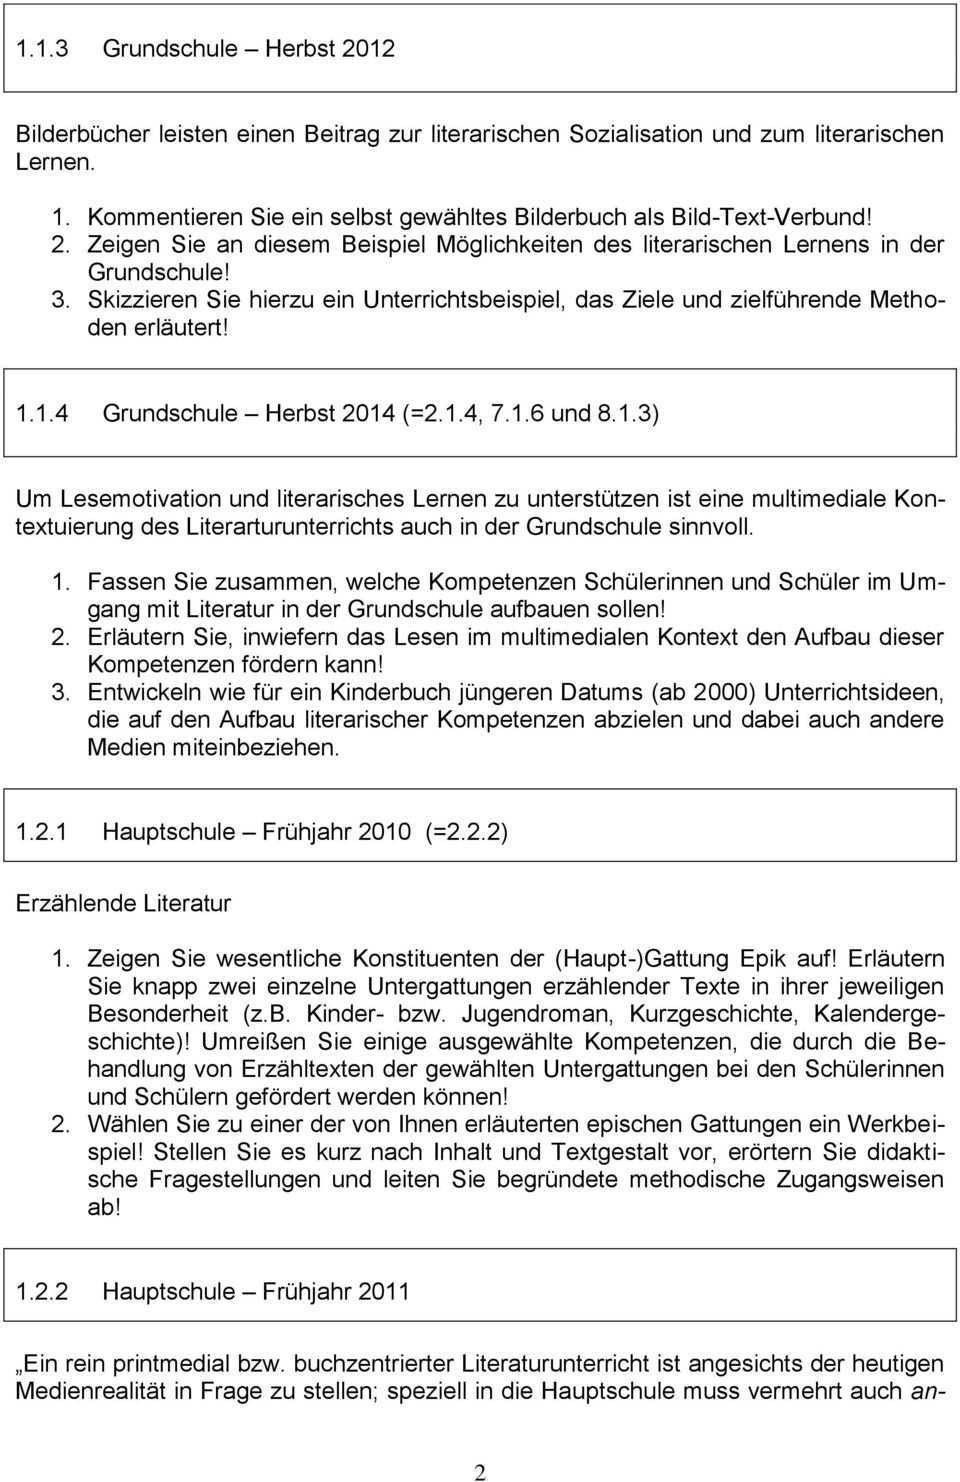 Die Arbeit Mit Dem Lesetagebuch Bei Der Lekture Von Ganzschriften Pdf Free Download